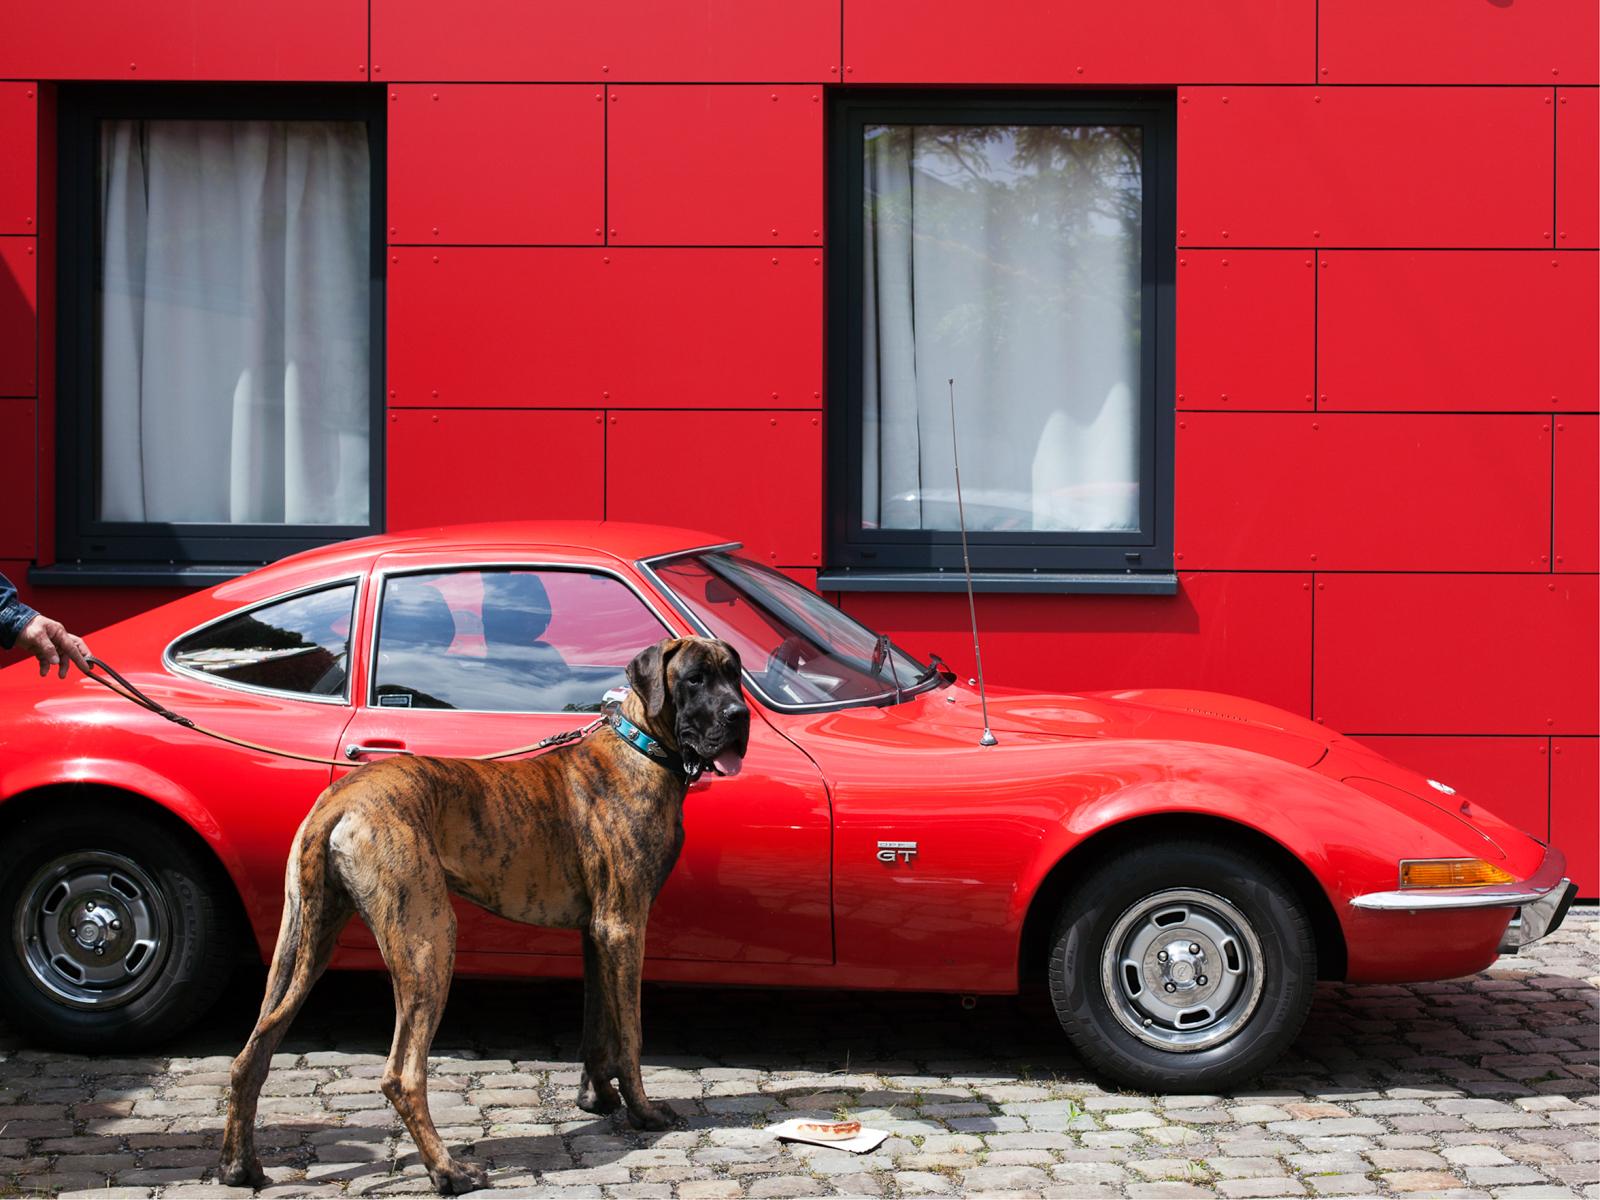 """Kunstpreis Fotografie 2018: Bewerbungsfoto aus der Serie """"Lovely Planet: Deutschland"""" des Förderpreisträgers Jakob Ganslmeier"""